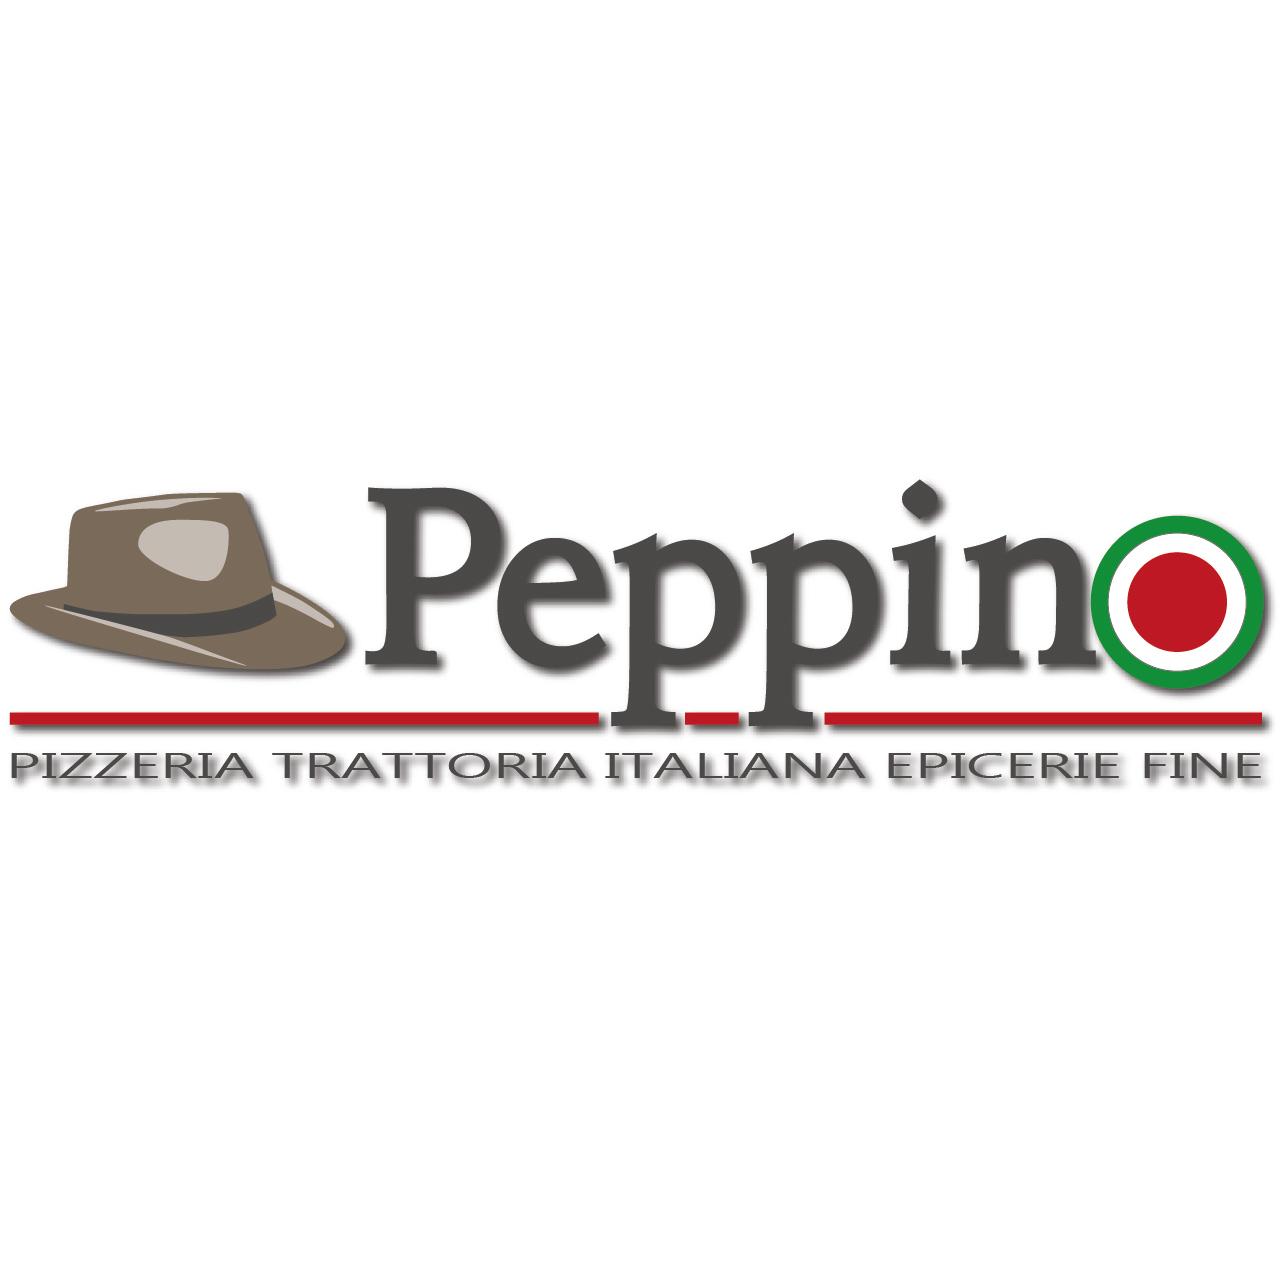 logo-peppino-création graphique-identité visuelle-imprimerie-burinter-pierrelatte